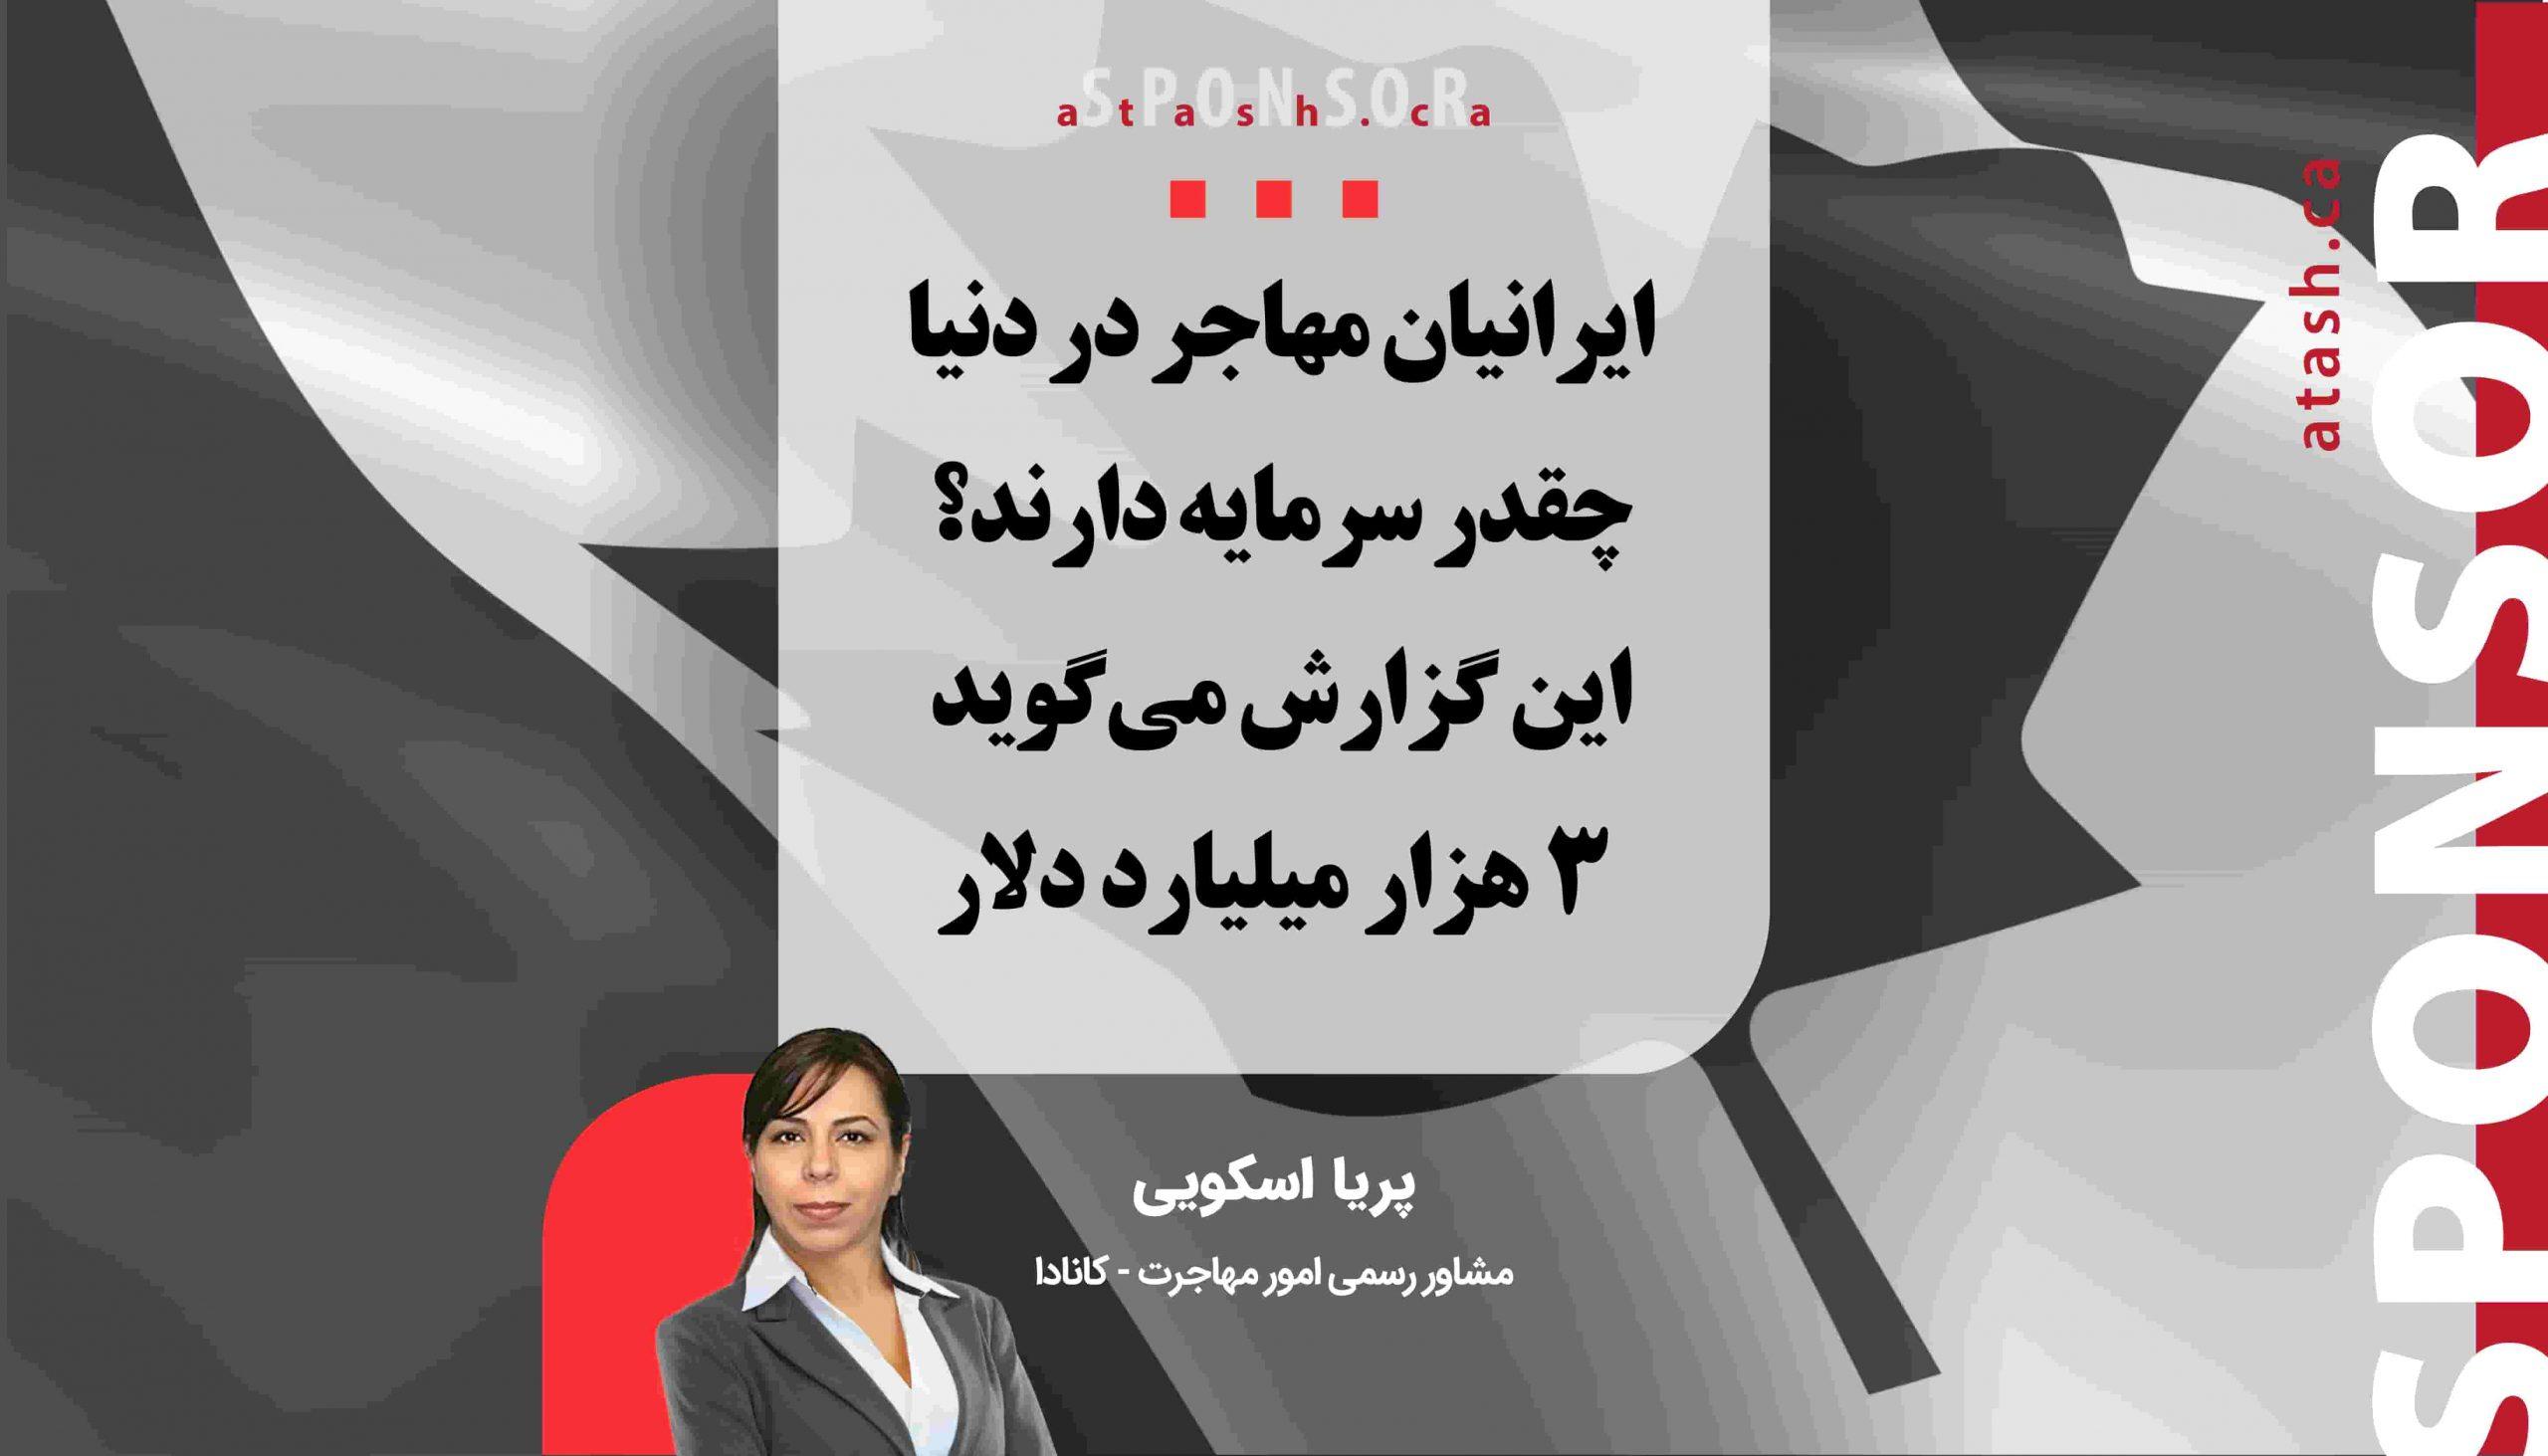 ایرانیان مهاجر در دنیا چقدر سرمایه دارند؟ این گزارش میگوید ۳ هزار میلیارد دلار